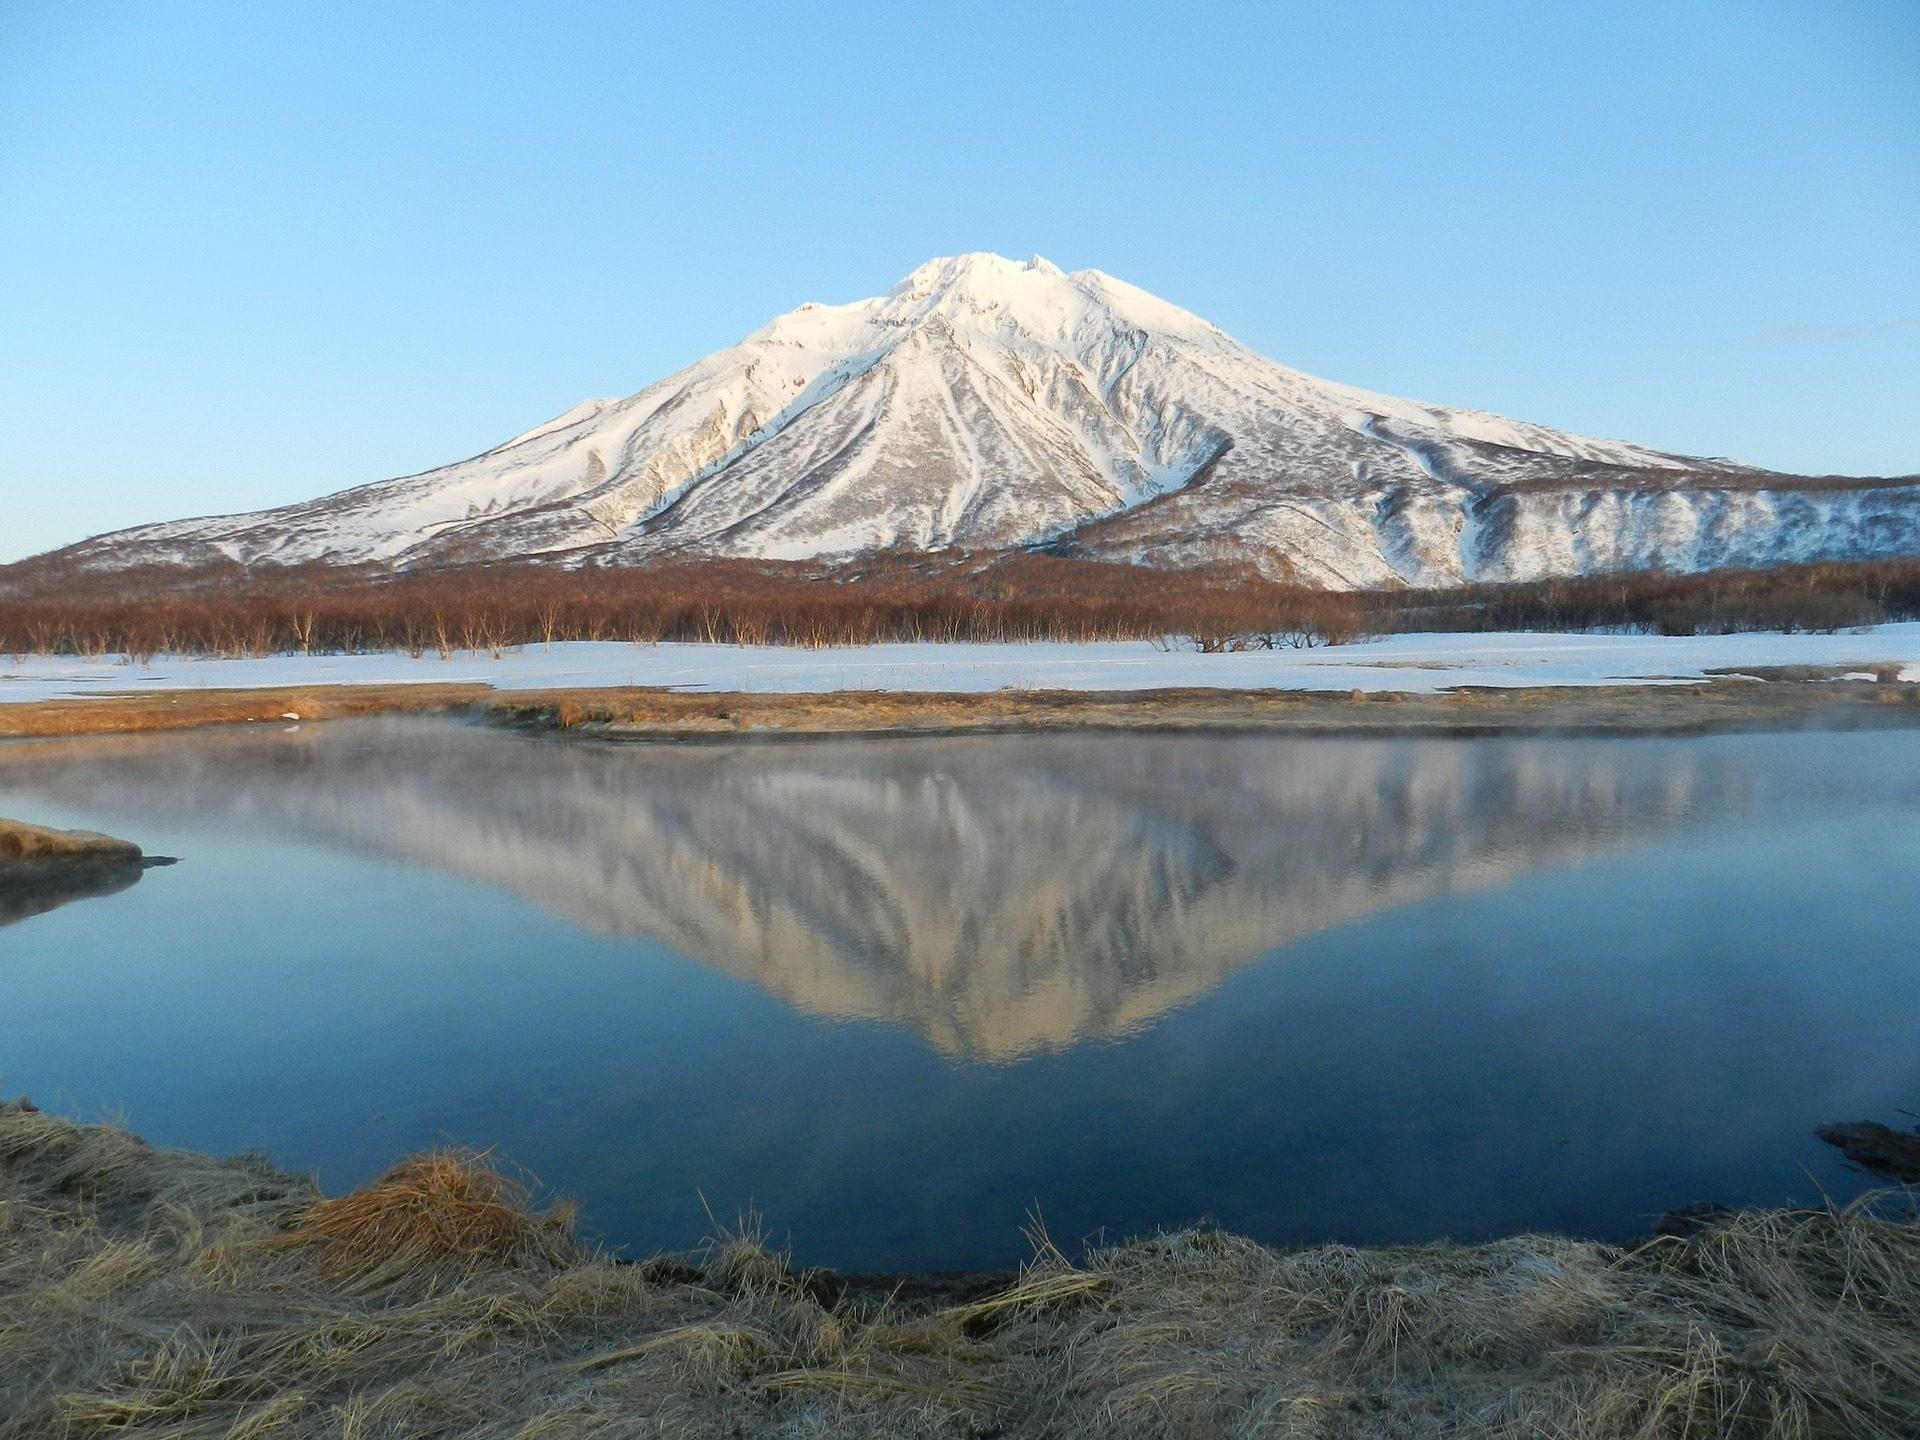 volcán, الجبل, بحيرة, انعكاس, الثلج, العشب - خلفيات عالية الدقة - أستاذ falken.com